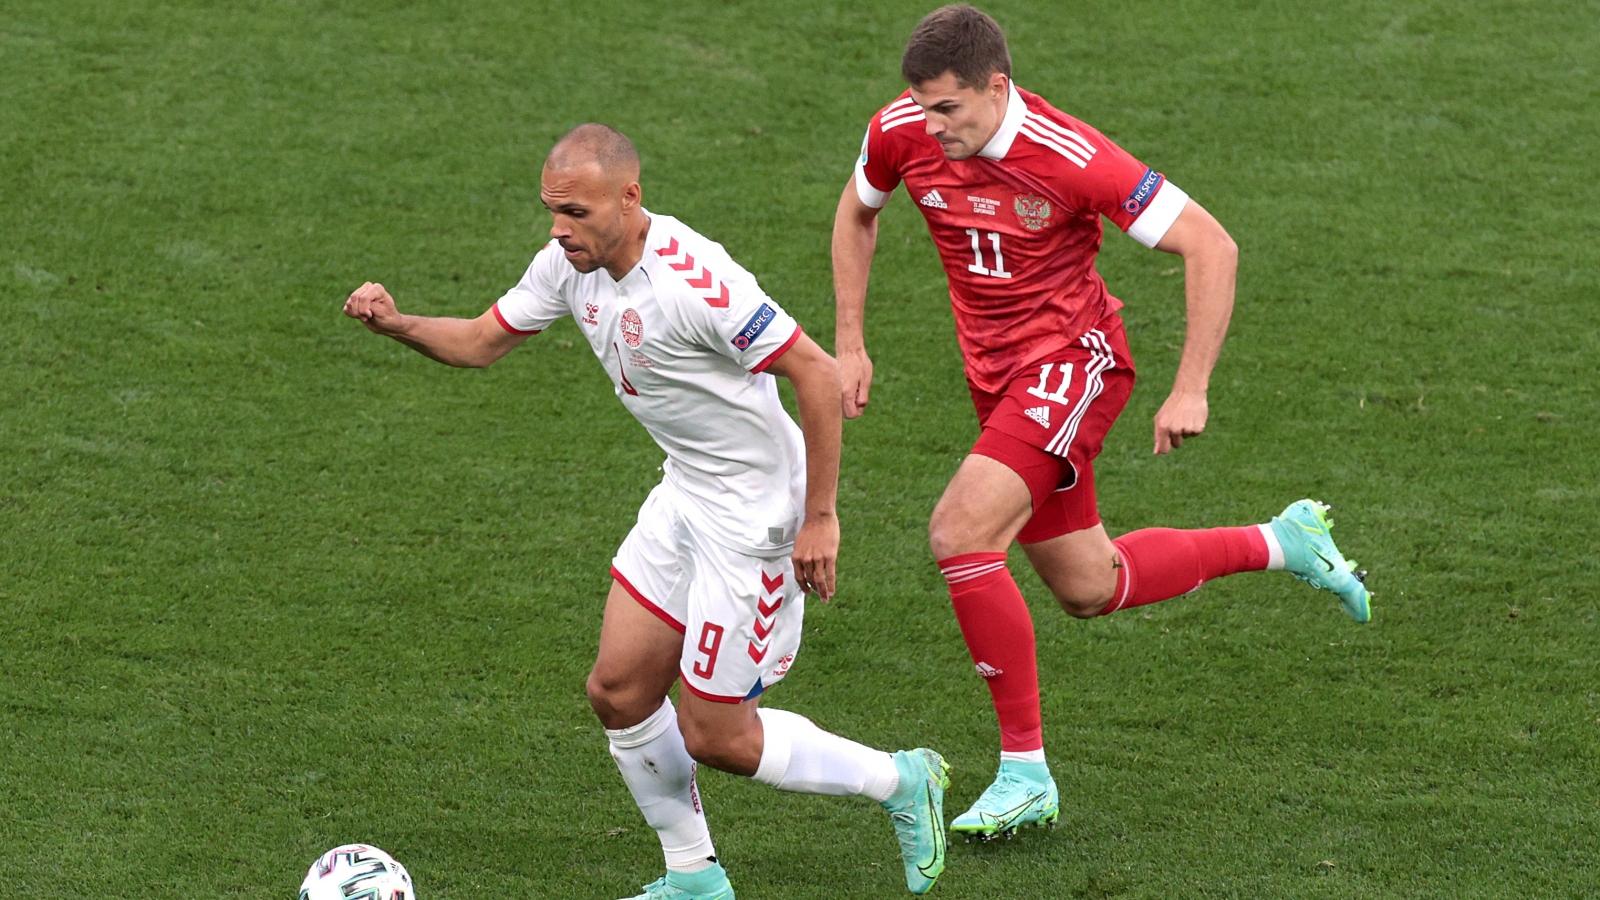 TRỰC TIẾP Nga 0-1 Đan Mạch: Damsgaard lập siêu phẩm mở tỷ số